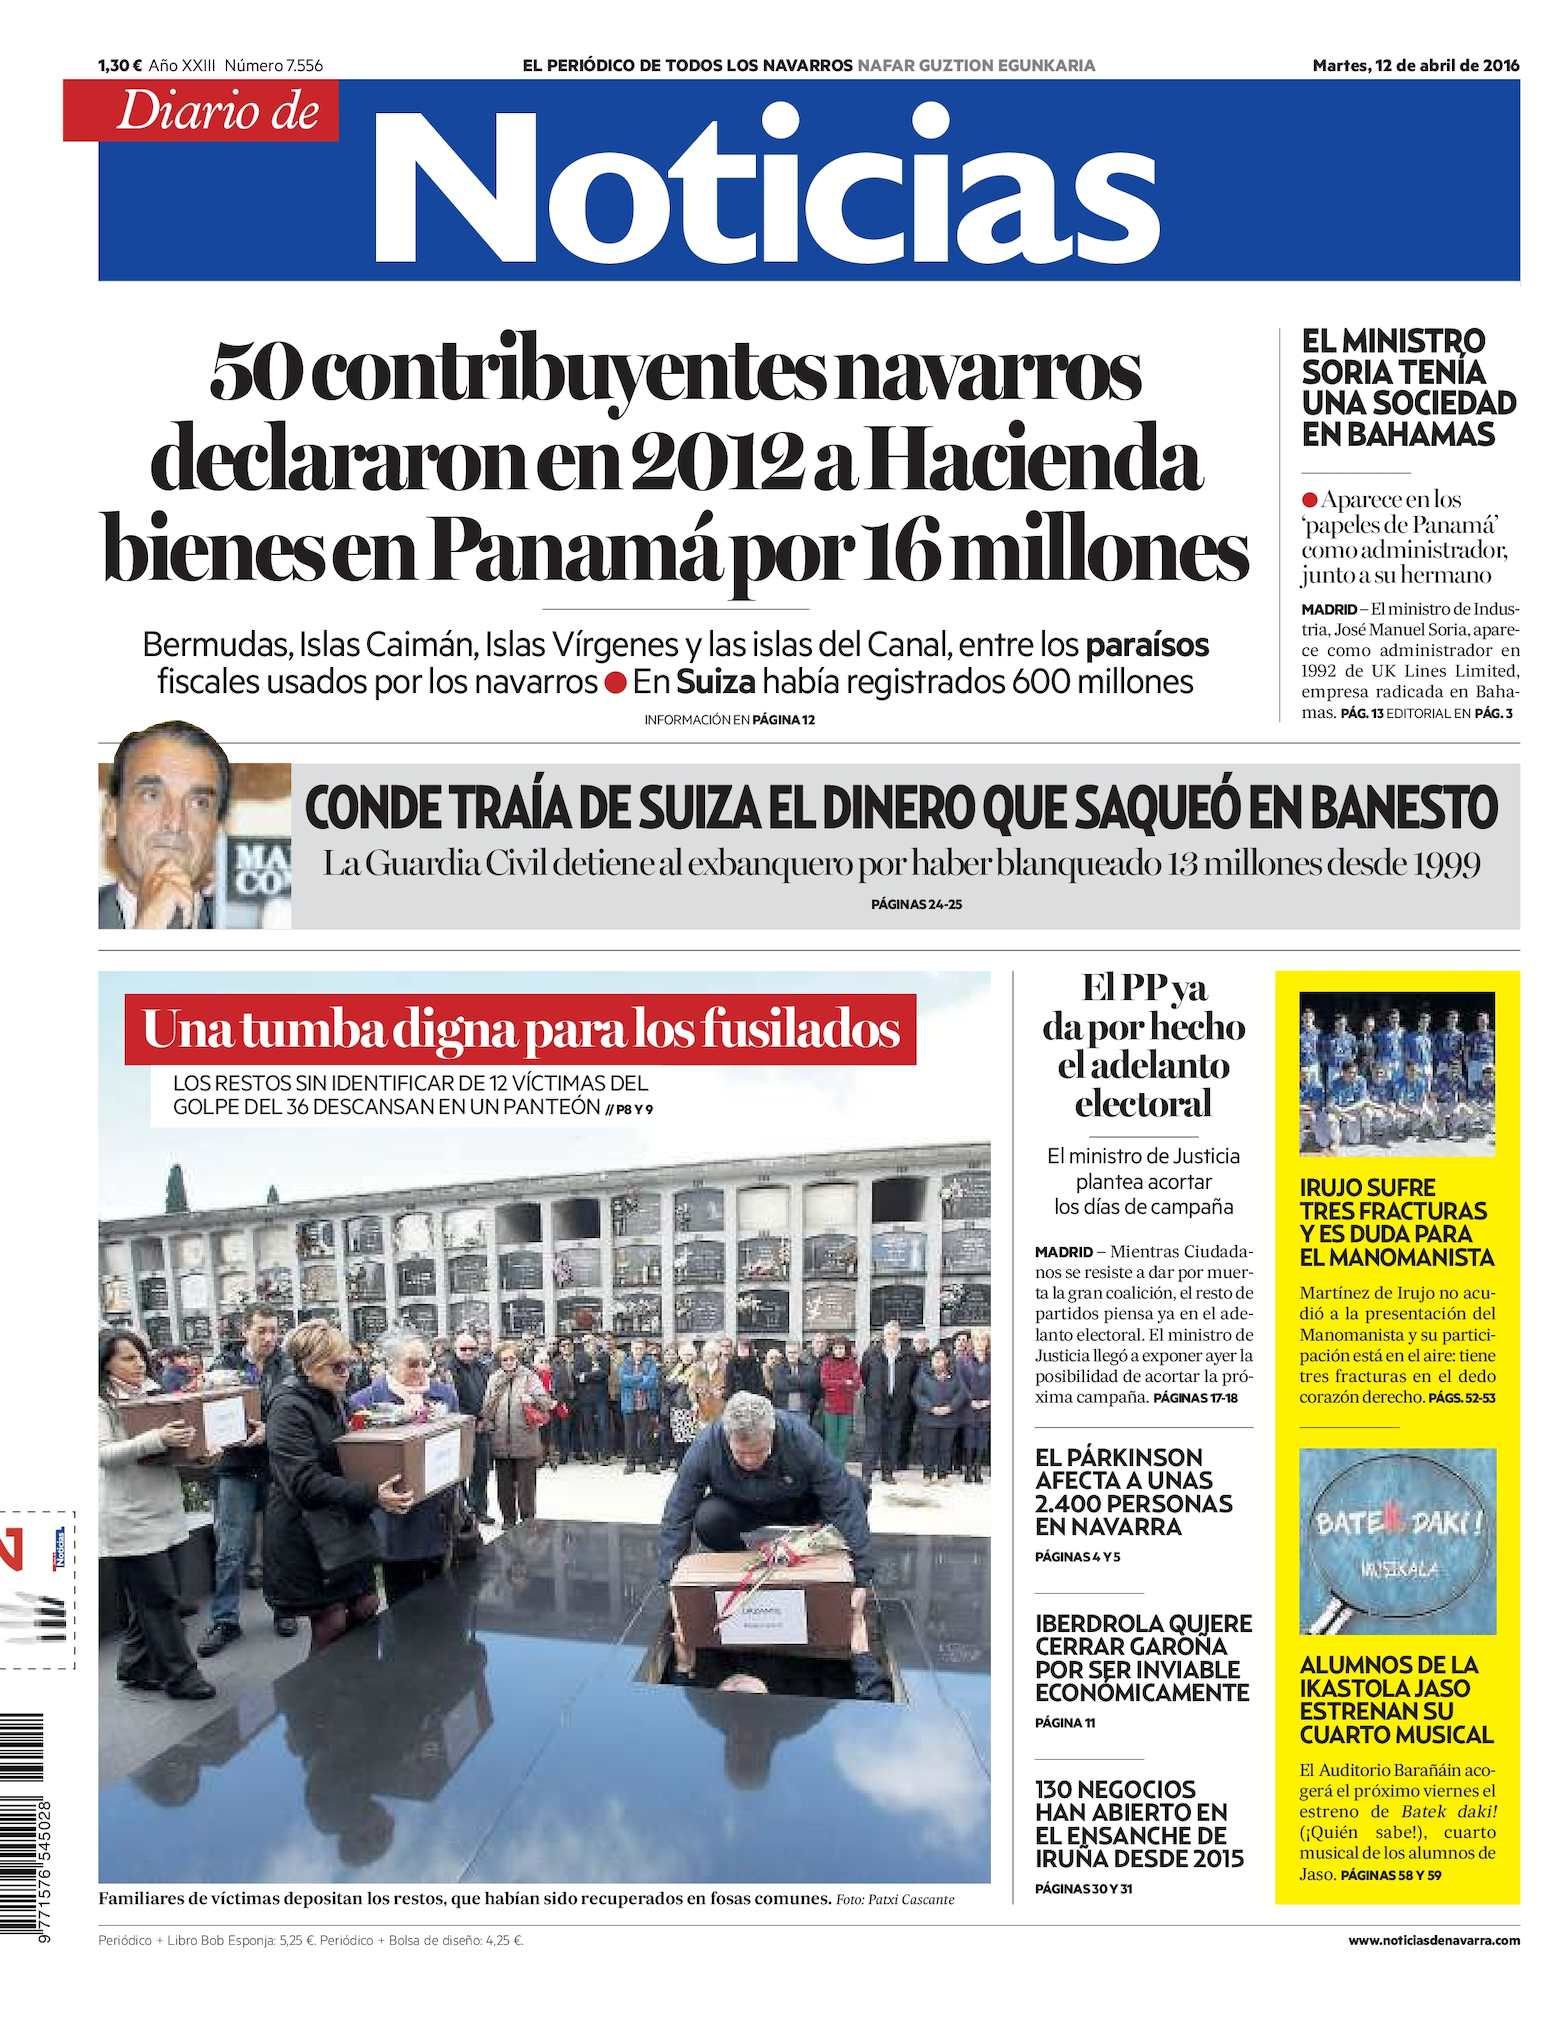 Calaméo - Diario de Noticias 20160412